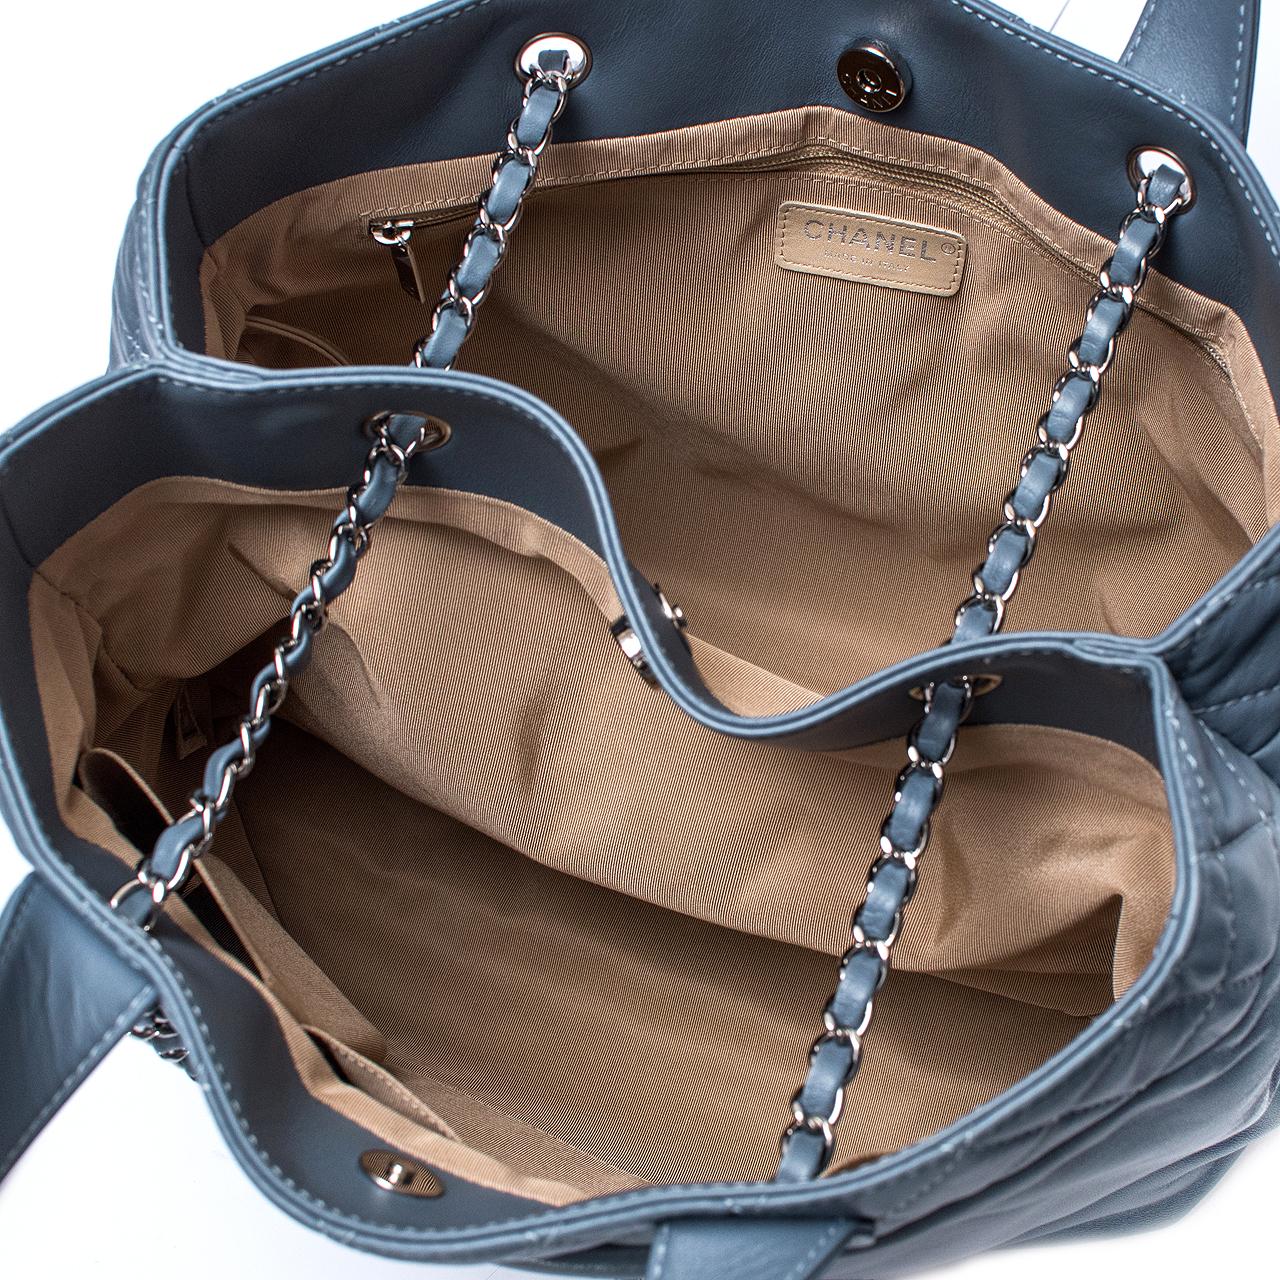 3a654acf0d4de Bolsa Chanel Trianon